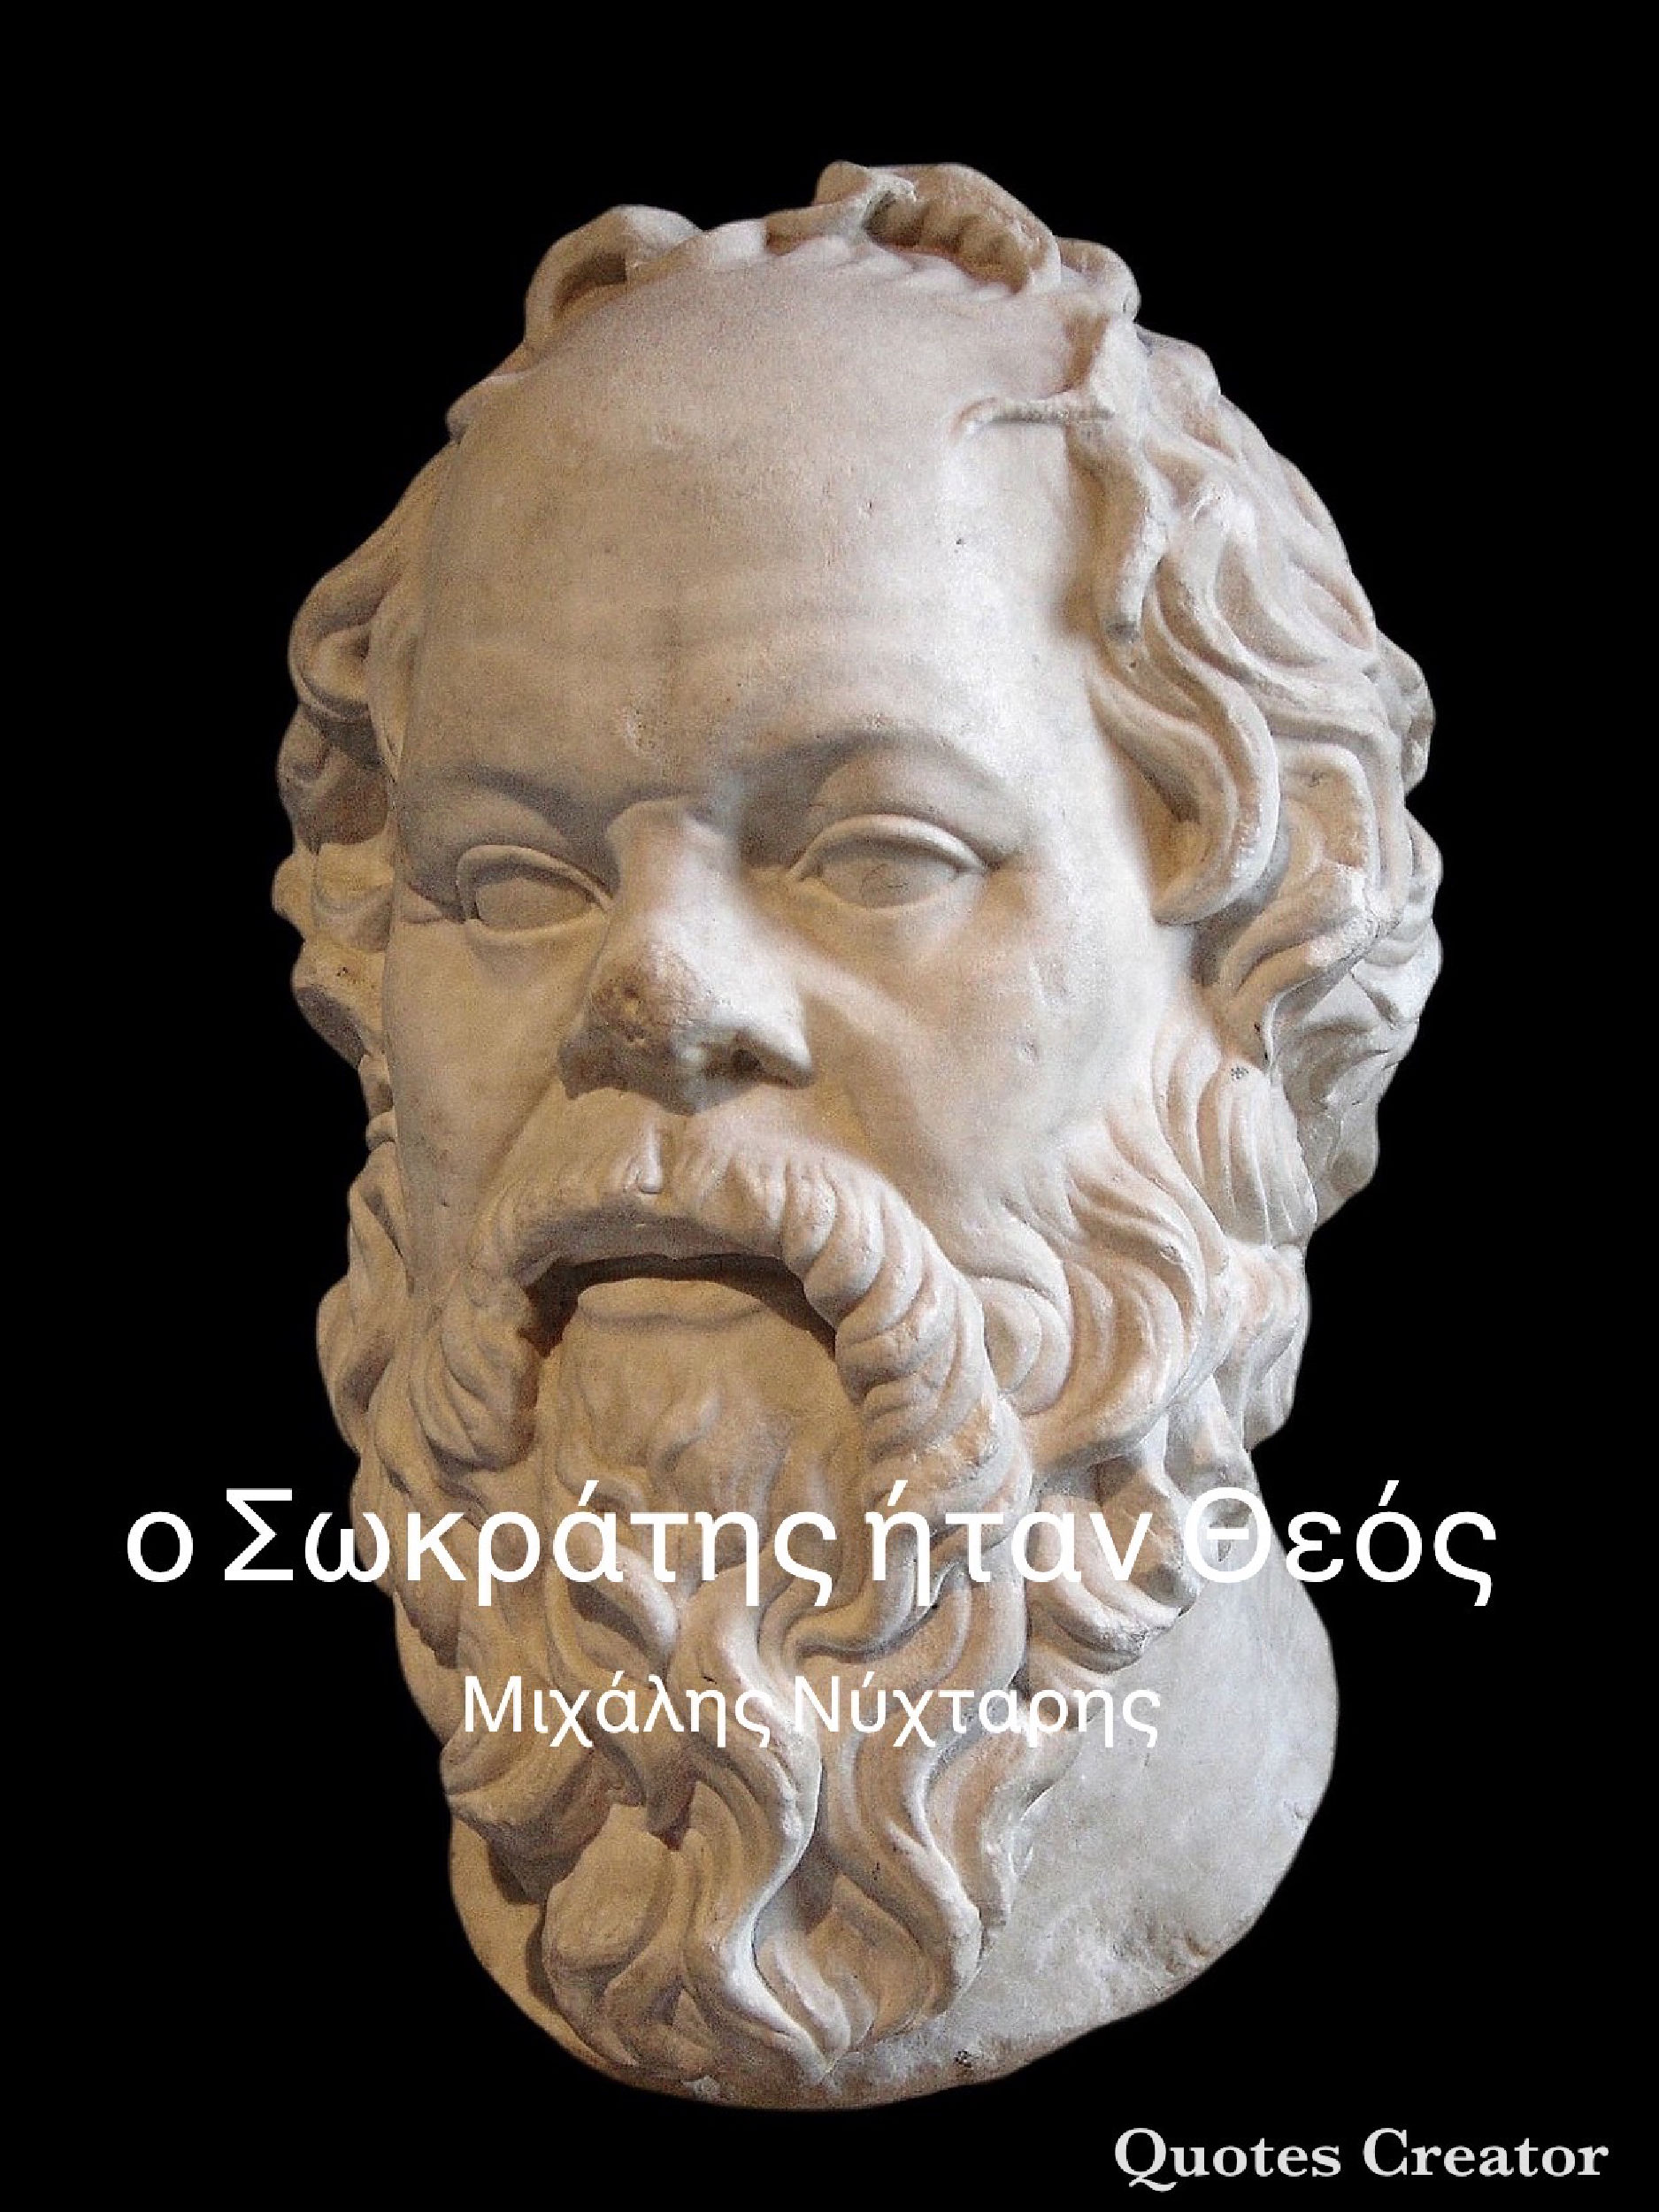 Σωκράτης ήταν Θεός